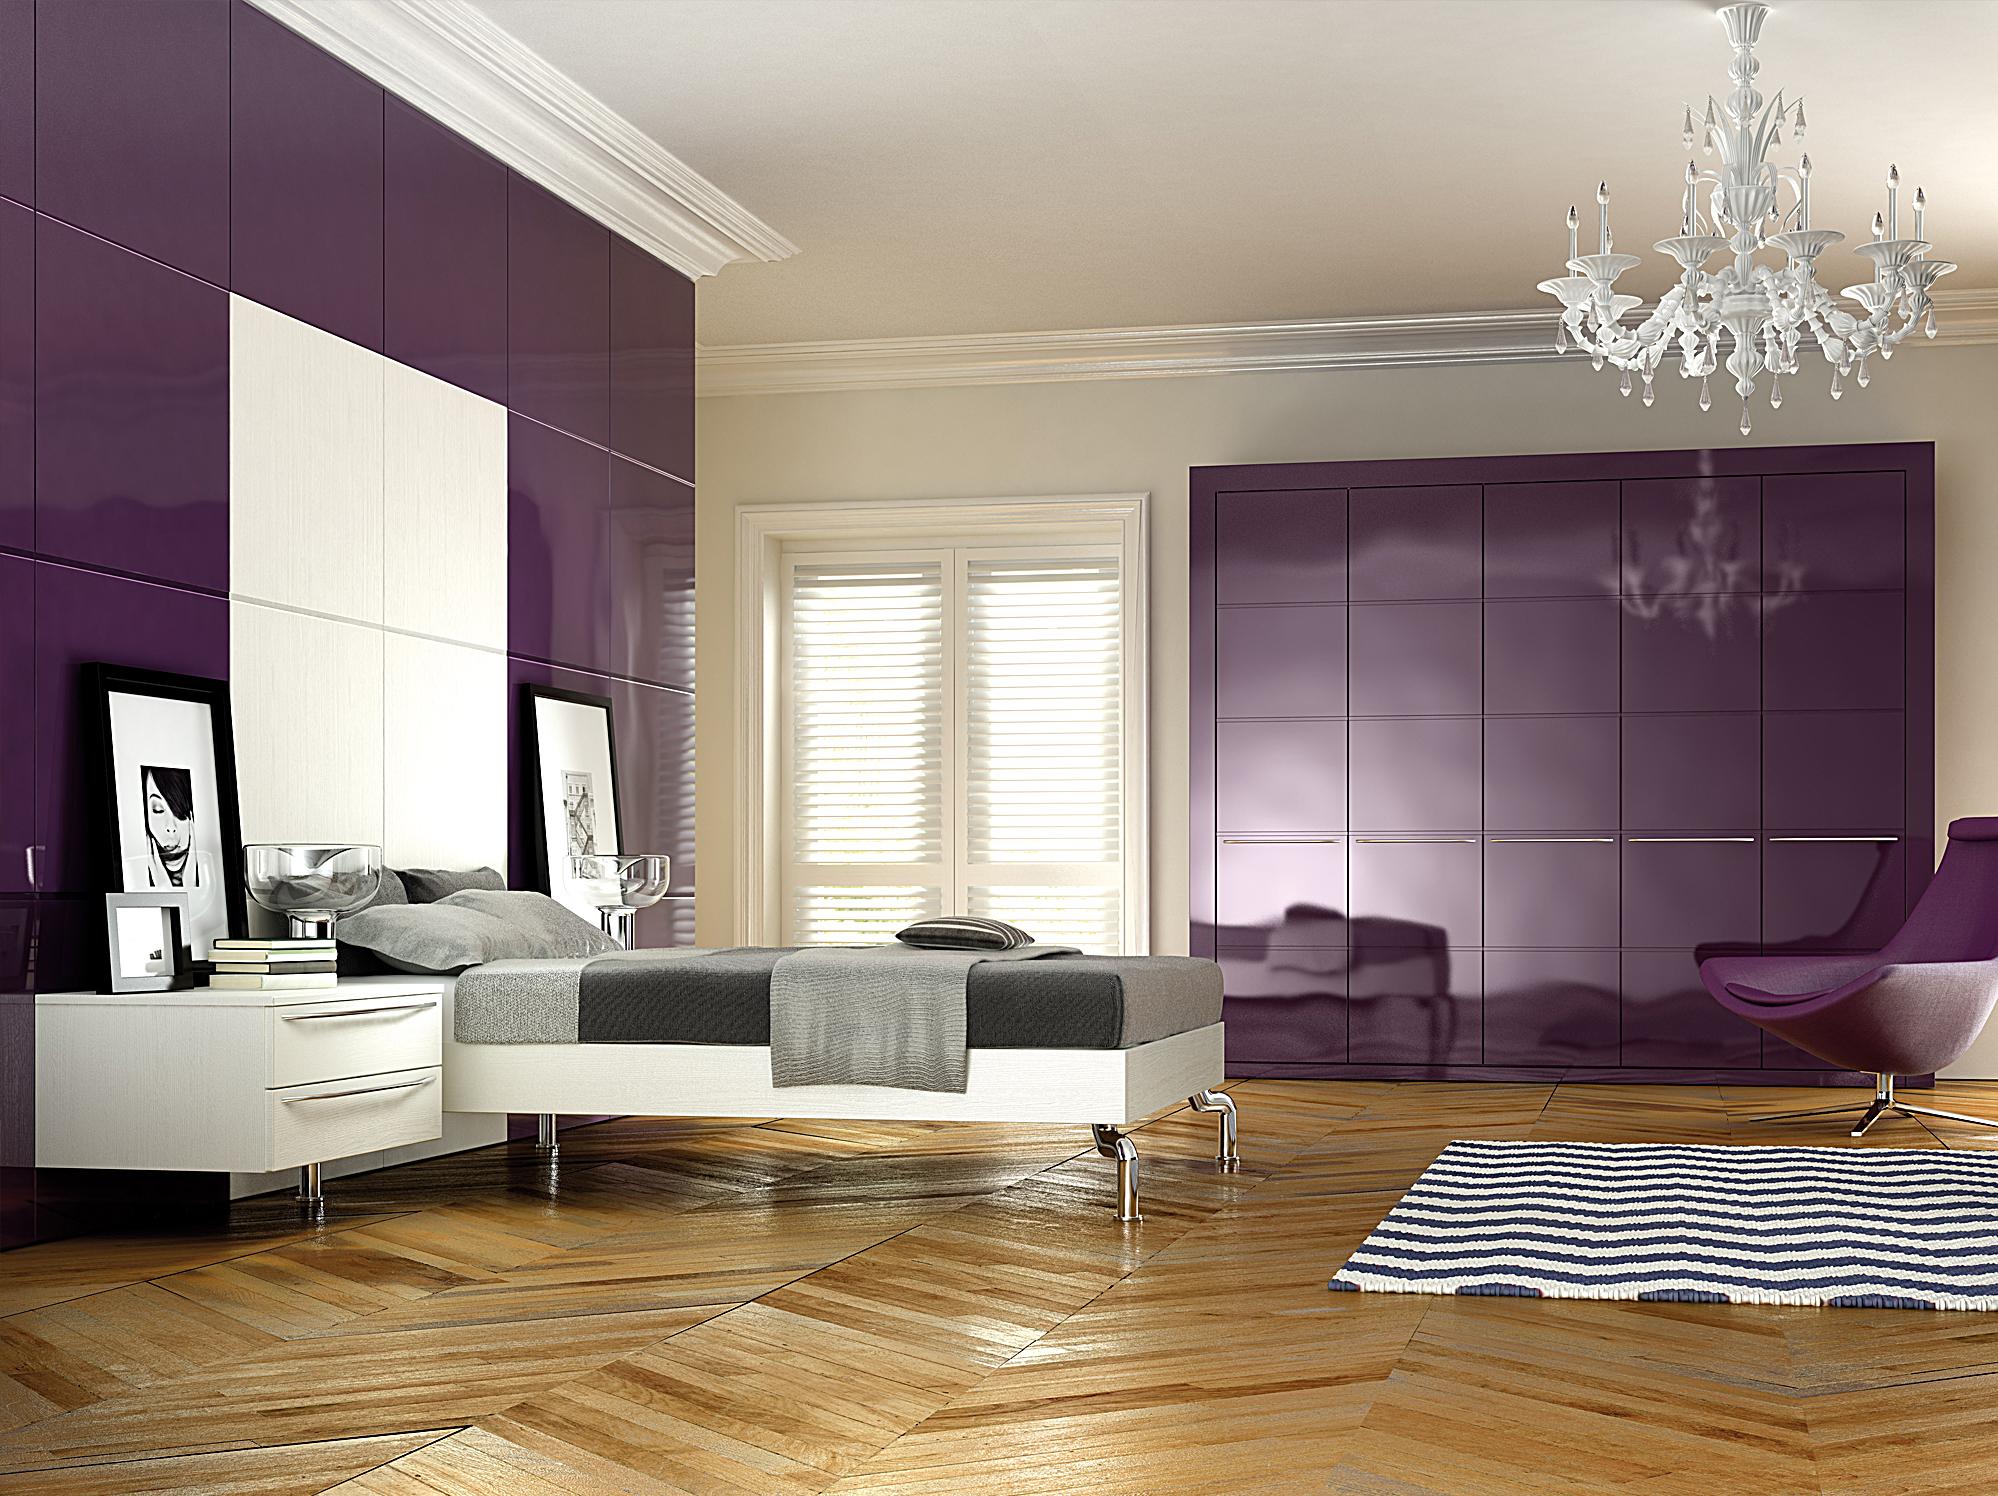 Фиолетовые стены и мебель в спальне как акценты